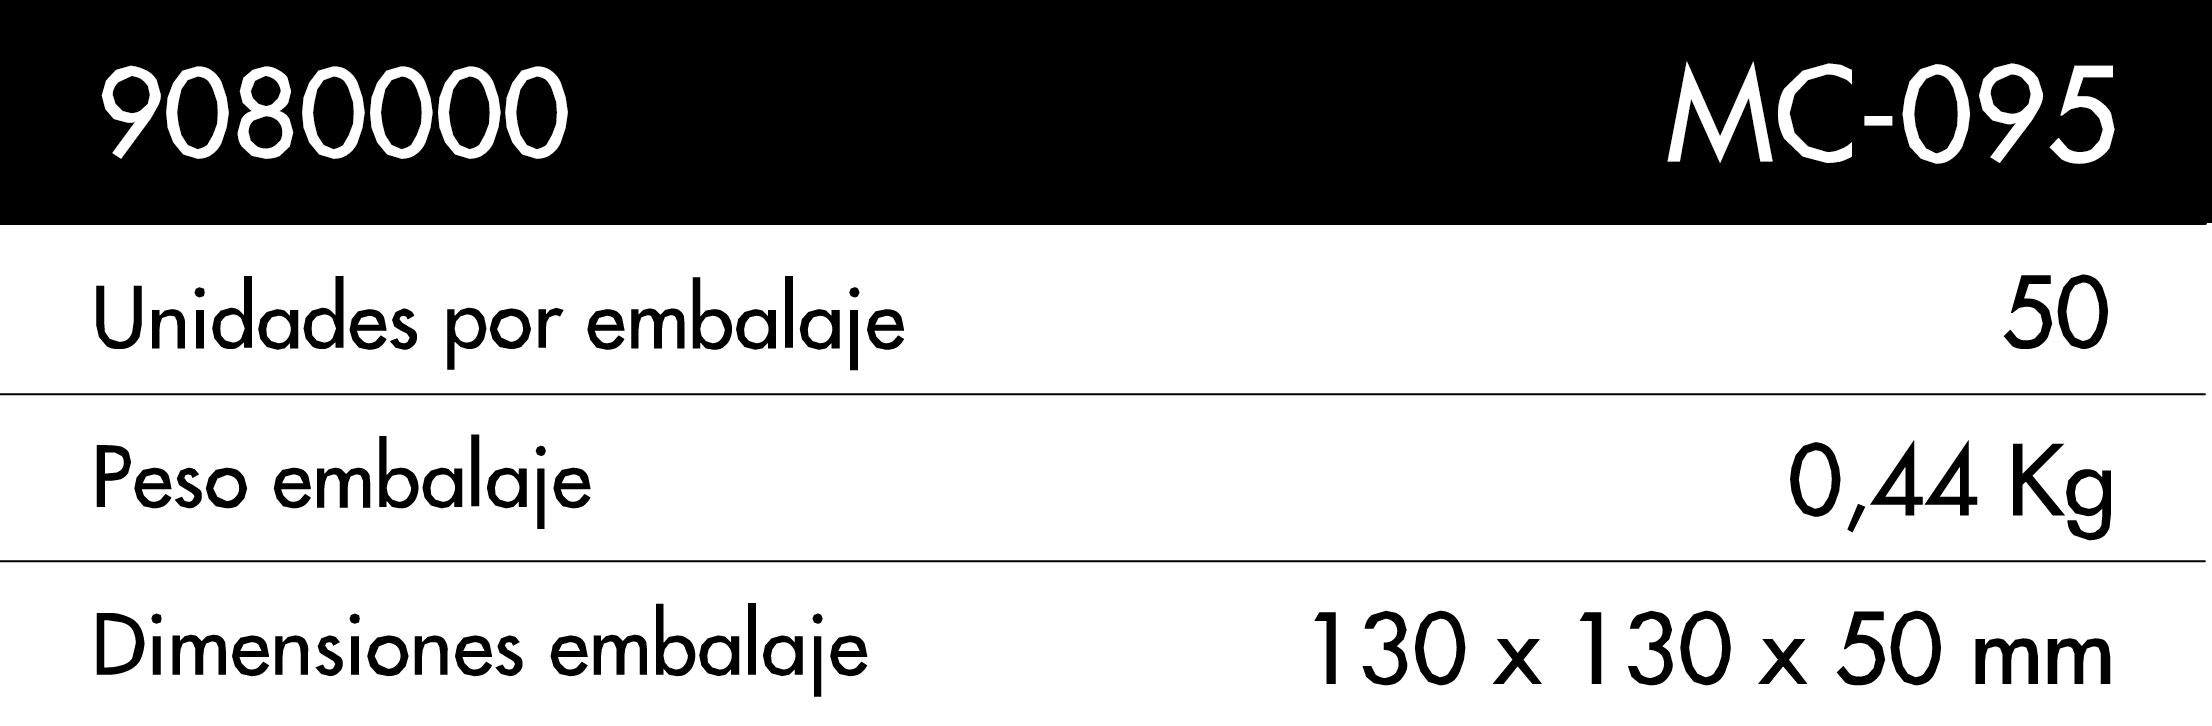 9080000-tablaES.jpg